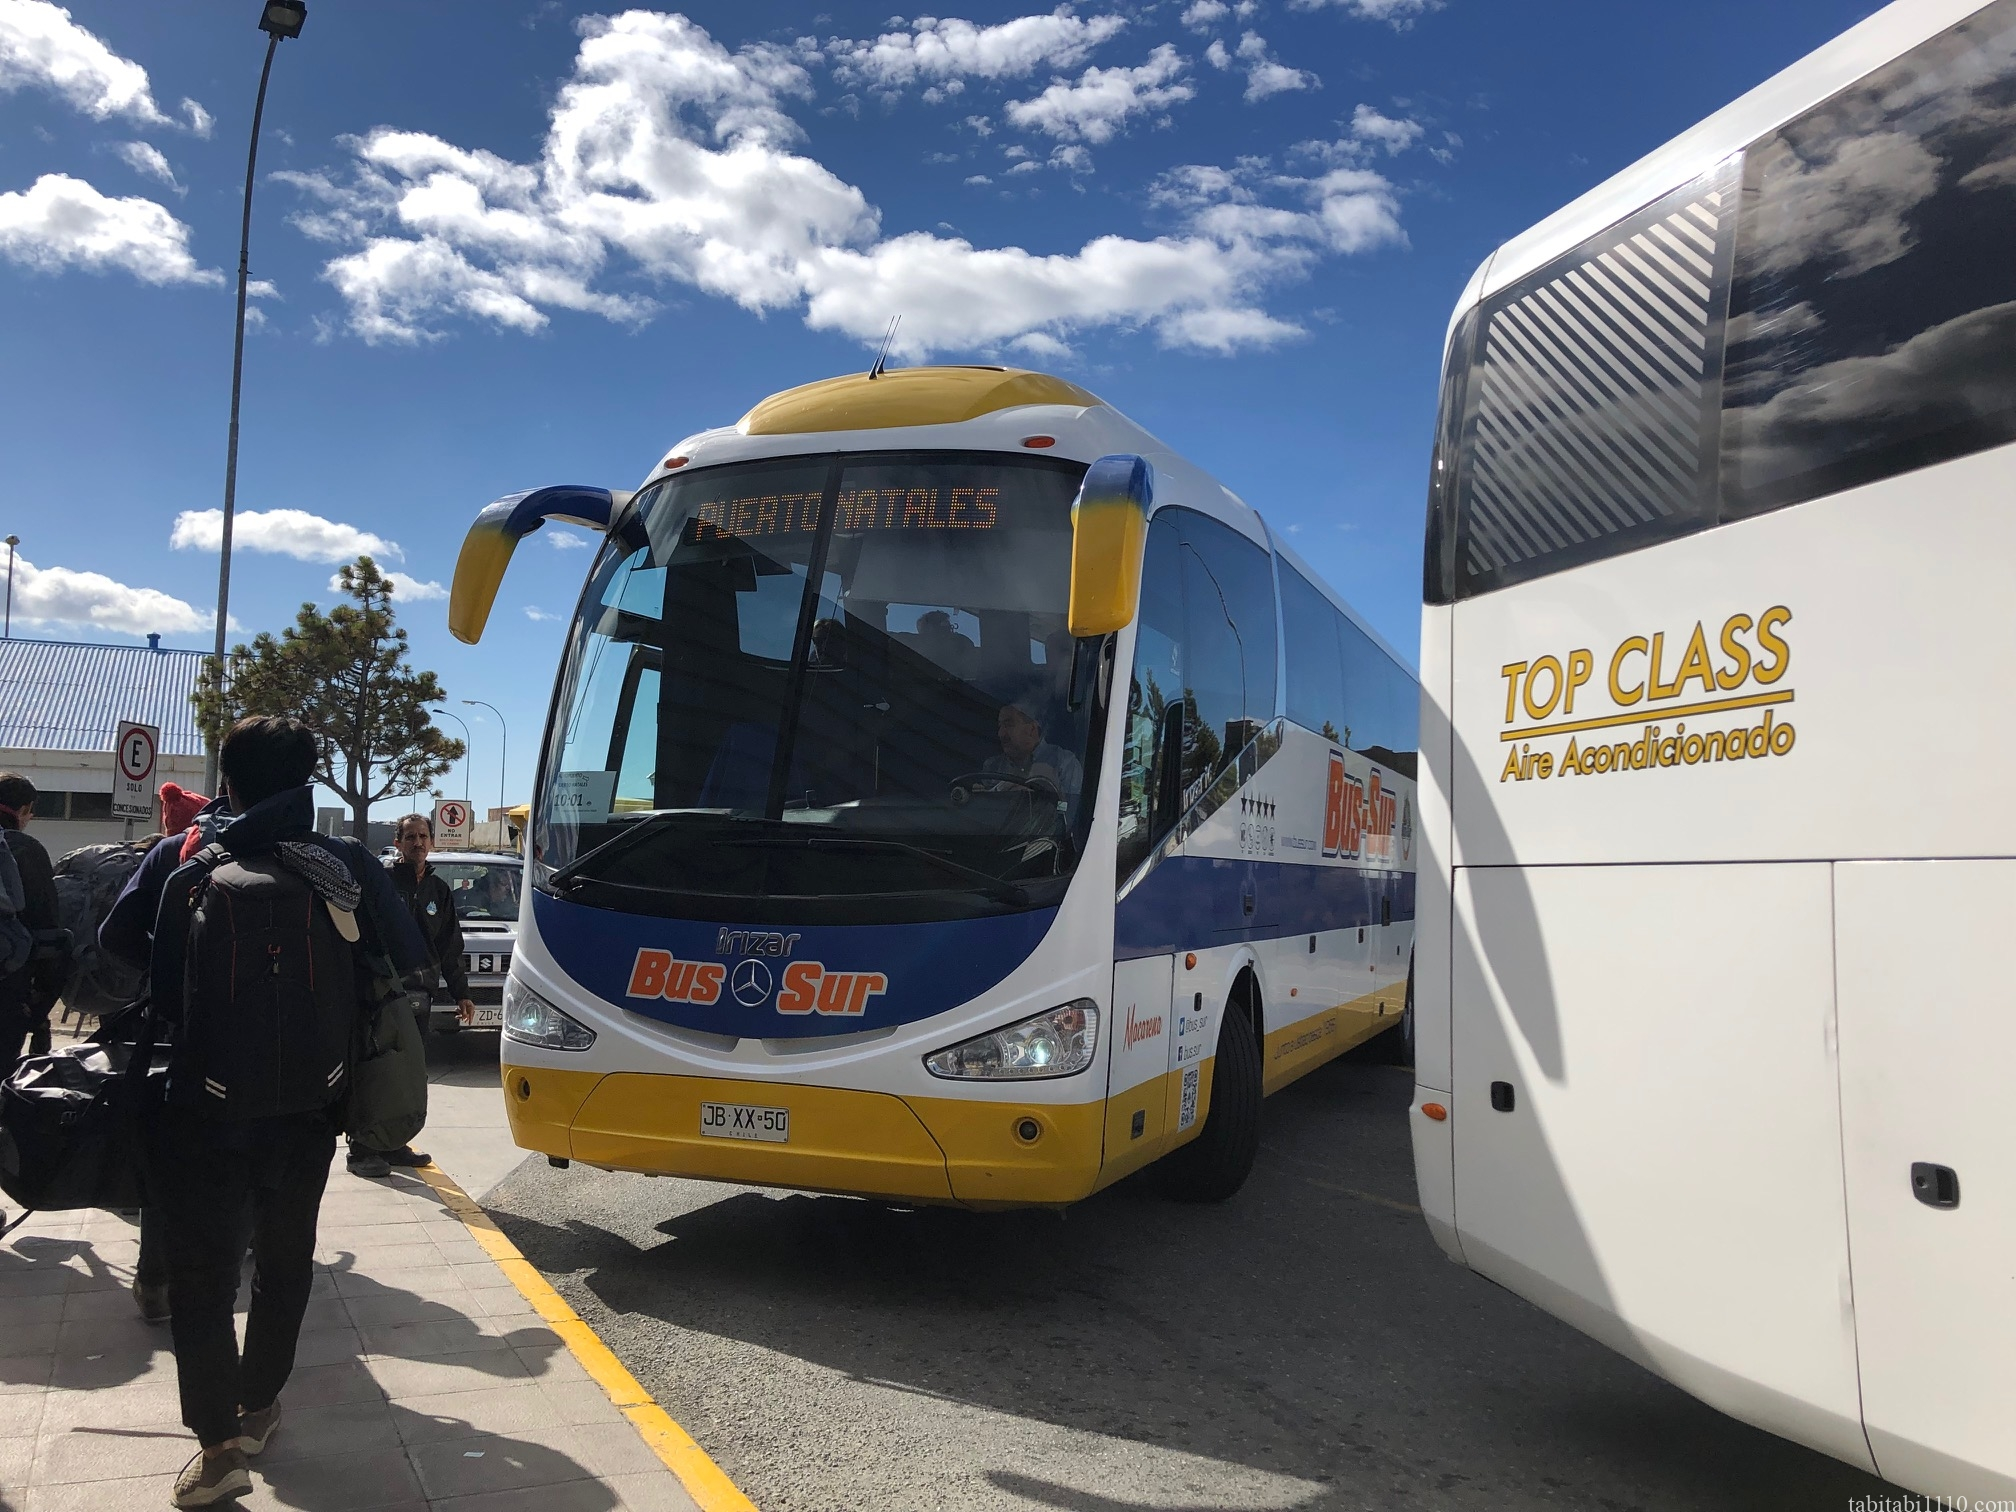 プンタアレナス プエルトナタレス バス